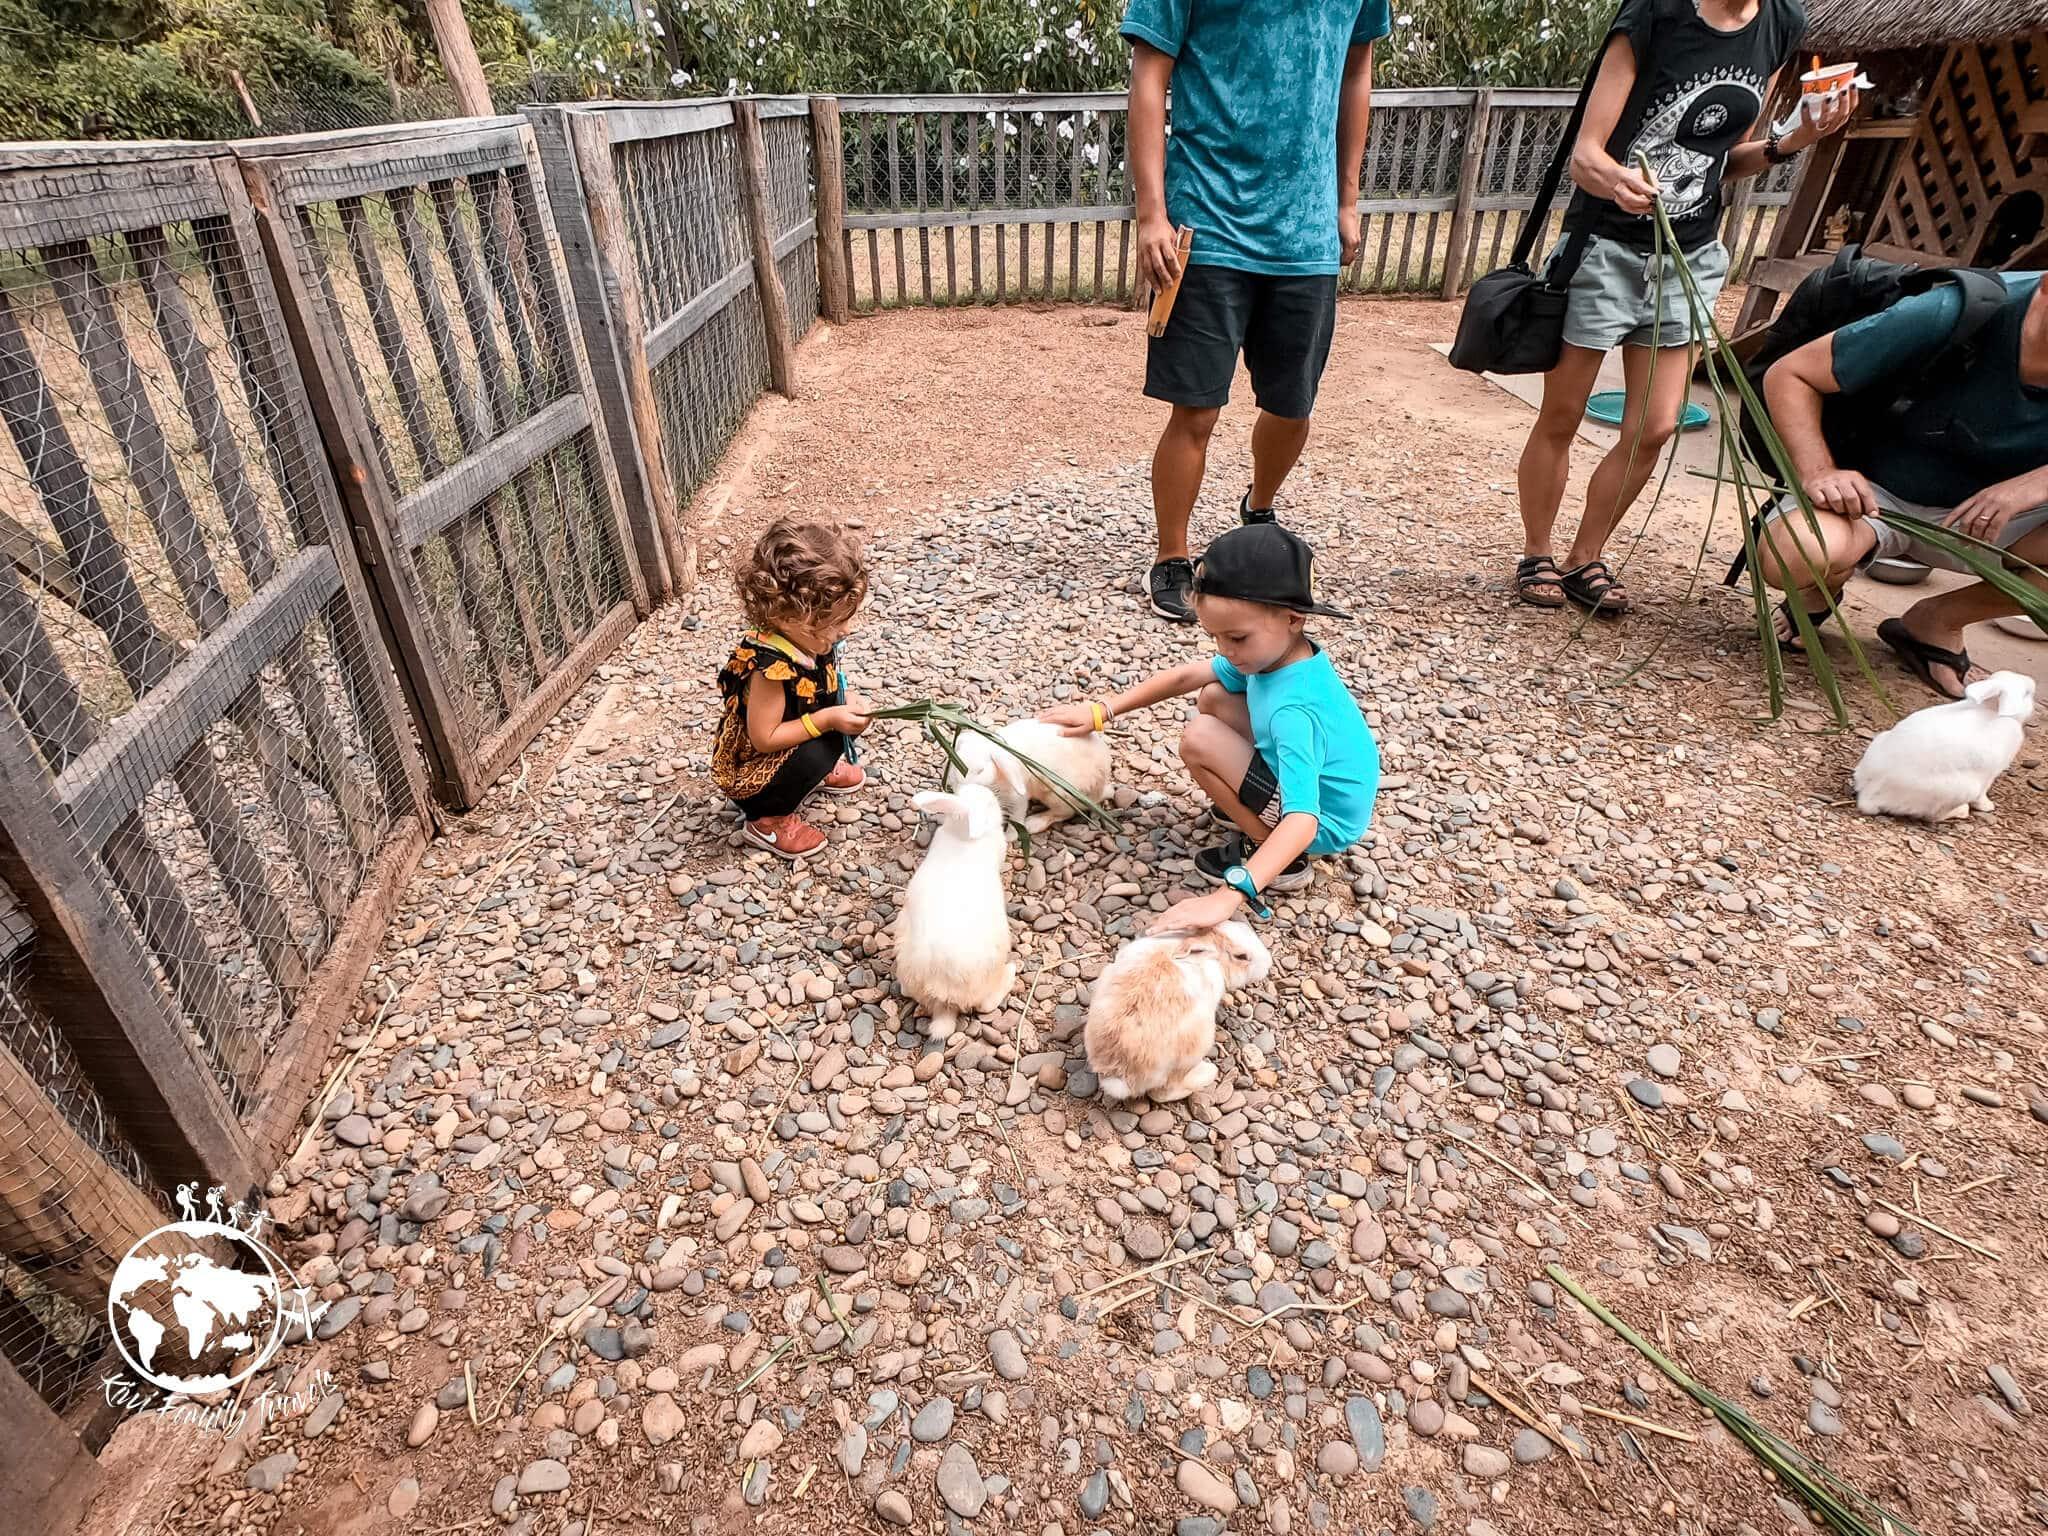 Logan et Théa qui donnent à mangé aux lapins